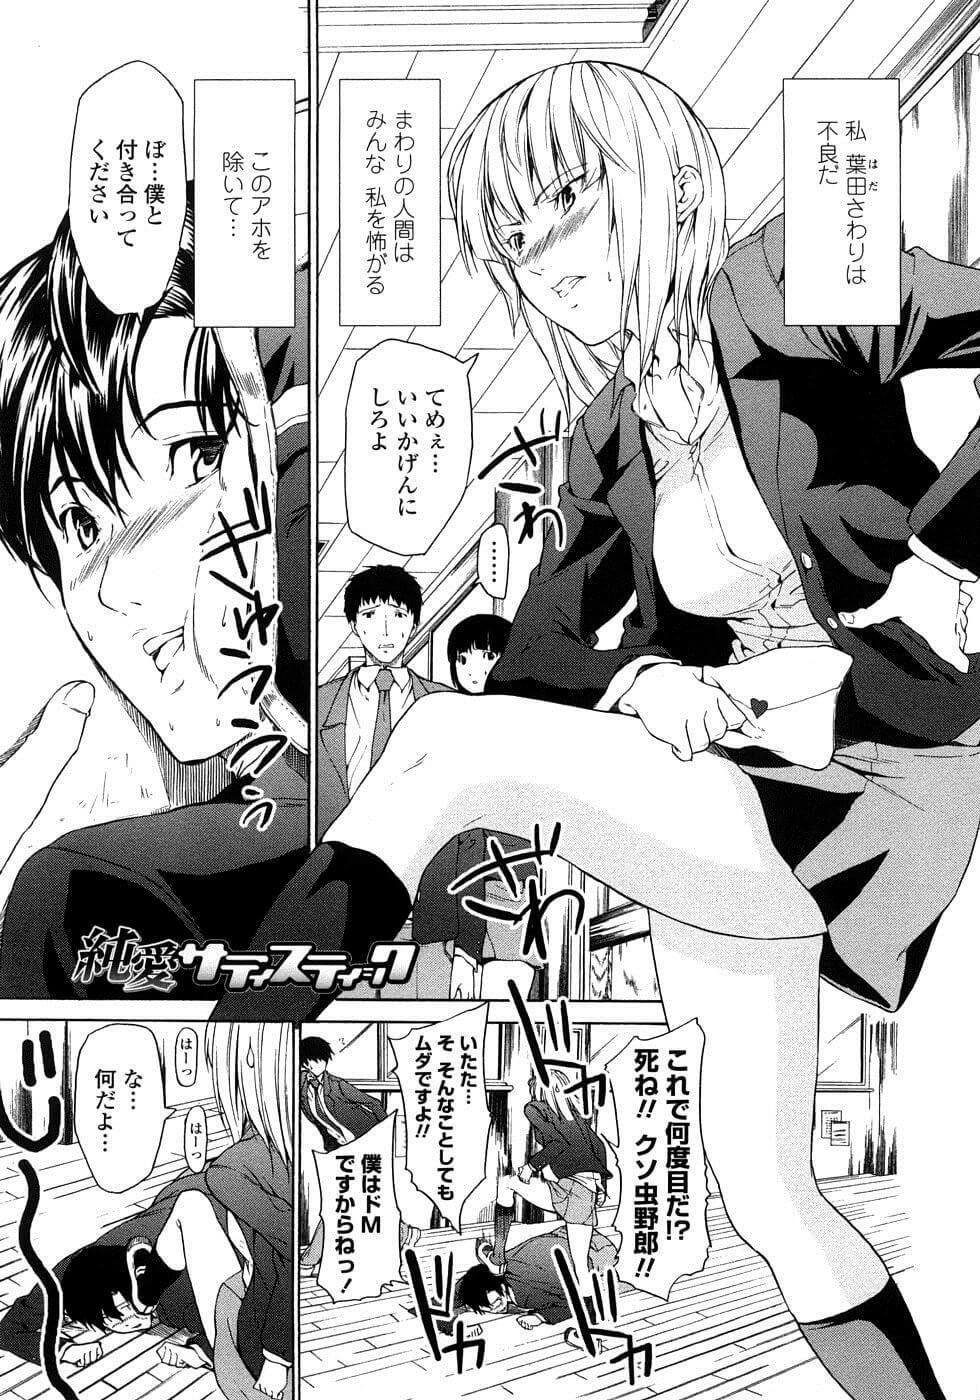 【エロ漫画】不良で学校の皆に怖がられている巨乳JK。しかし1人だけ付き合って欲しいと言う男がいて青姦セックスしちゃうw【無料 エロ同人】